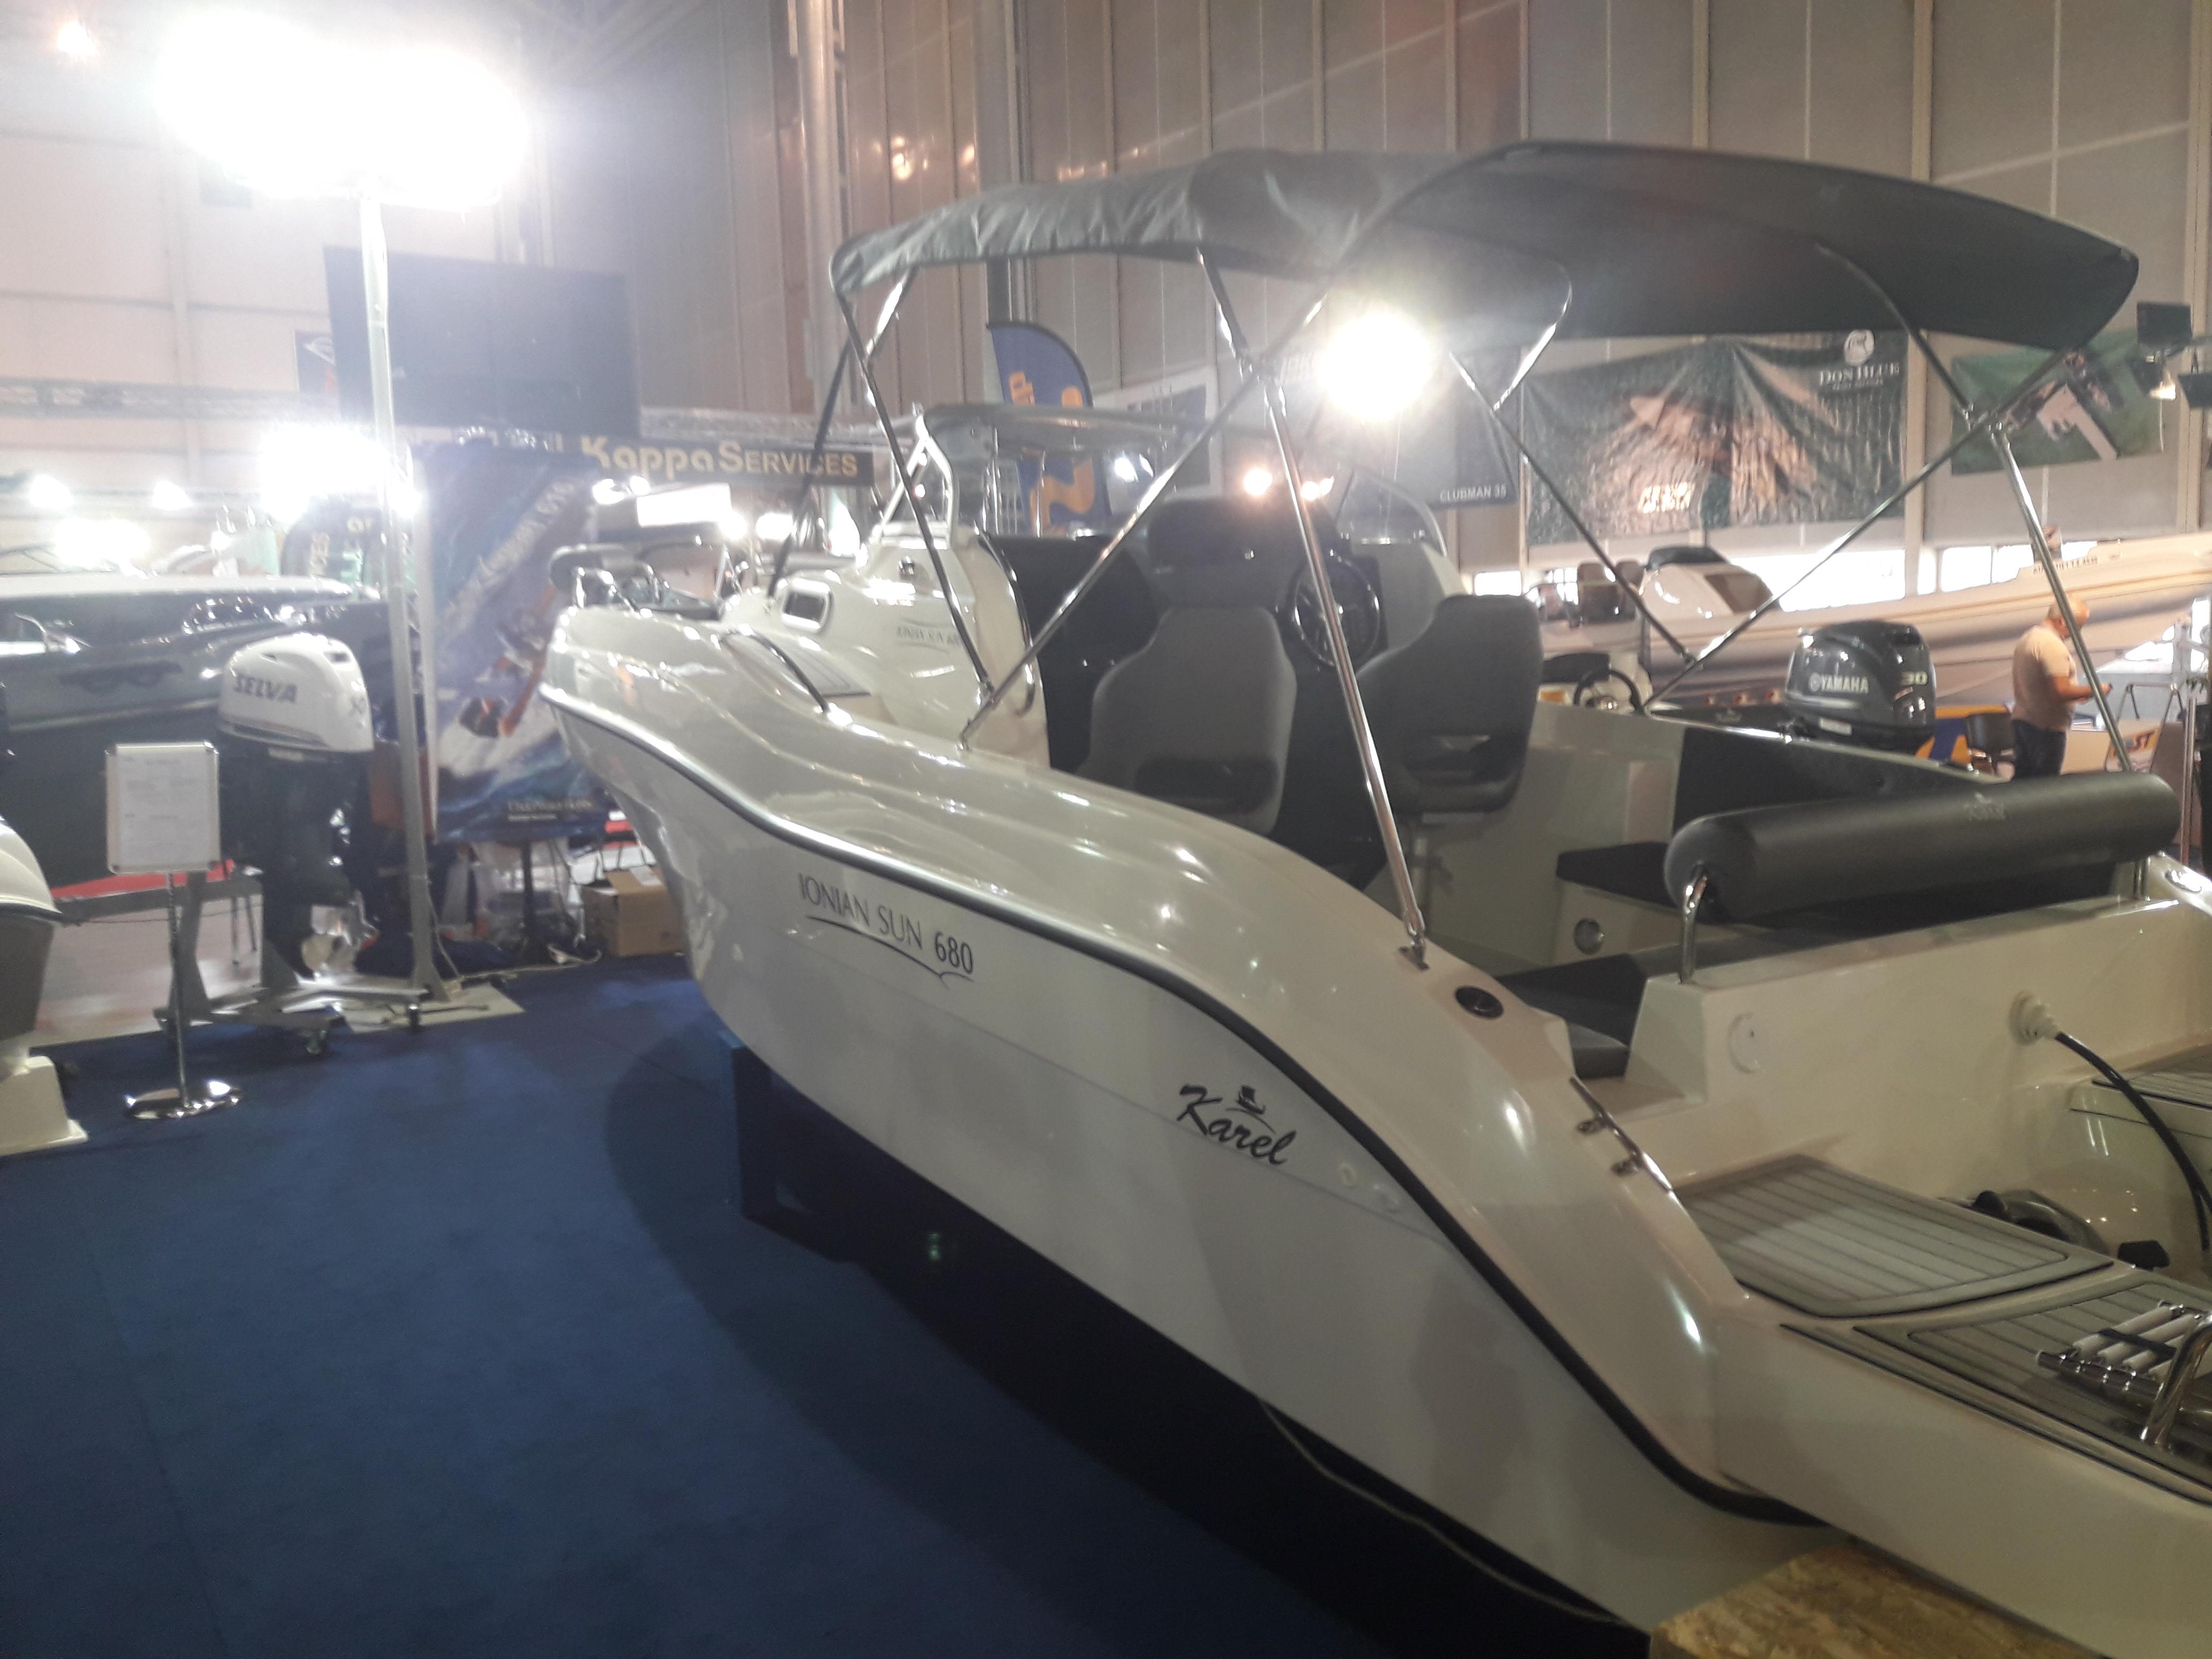 Das Inoian Sun 680 ist ein Konsolenboot mit Kabine von Karel Boats aus Griechenland